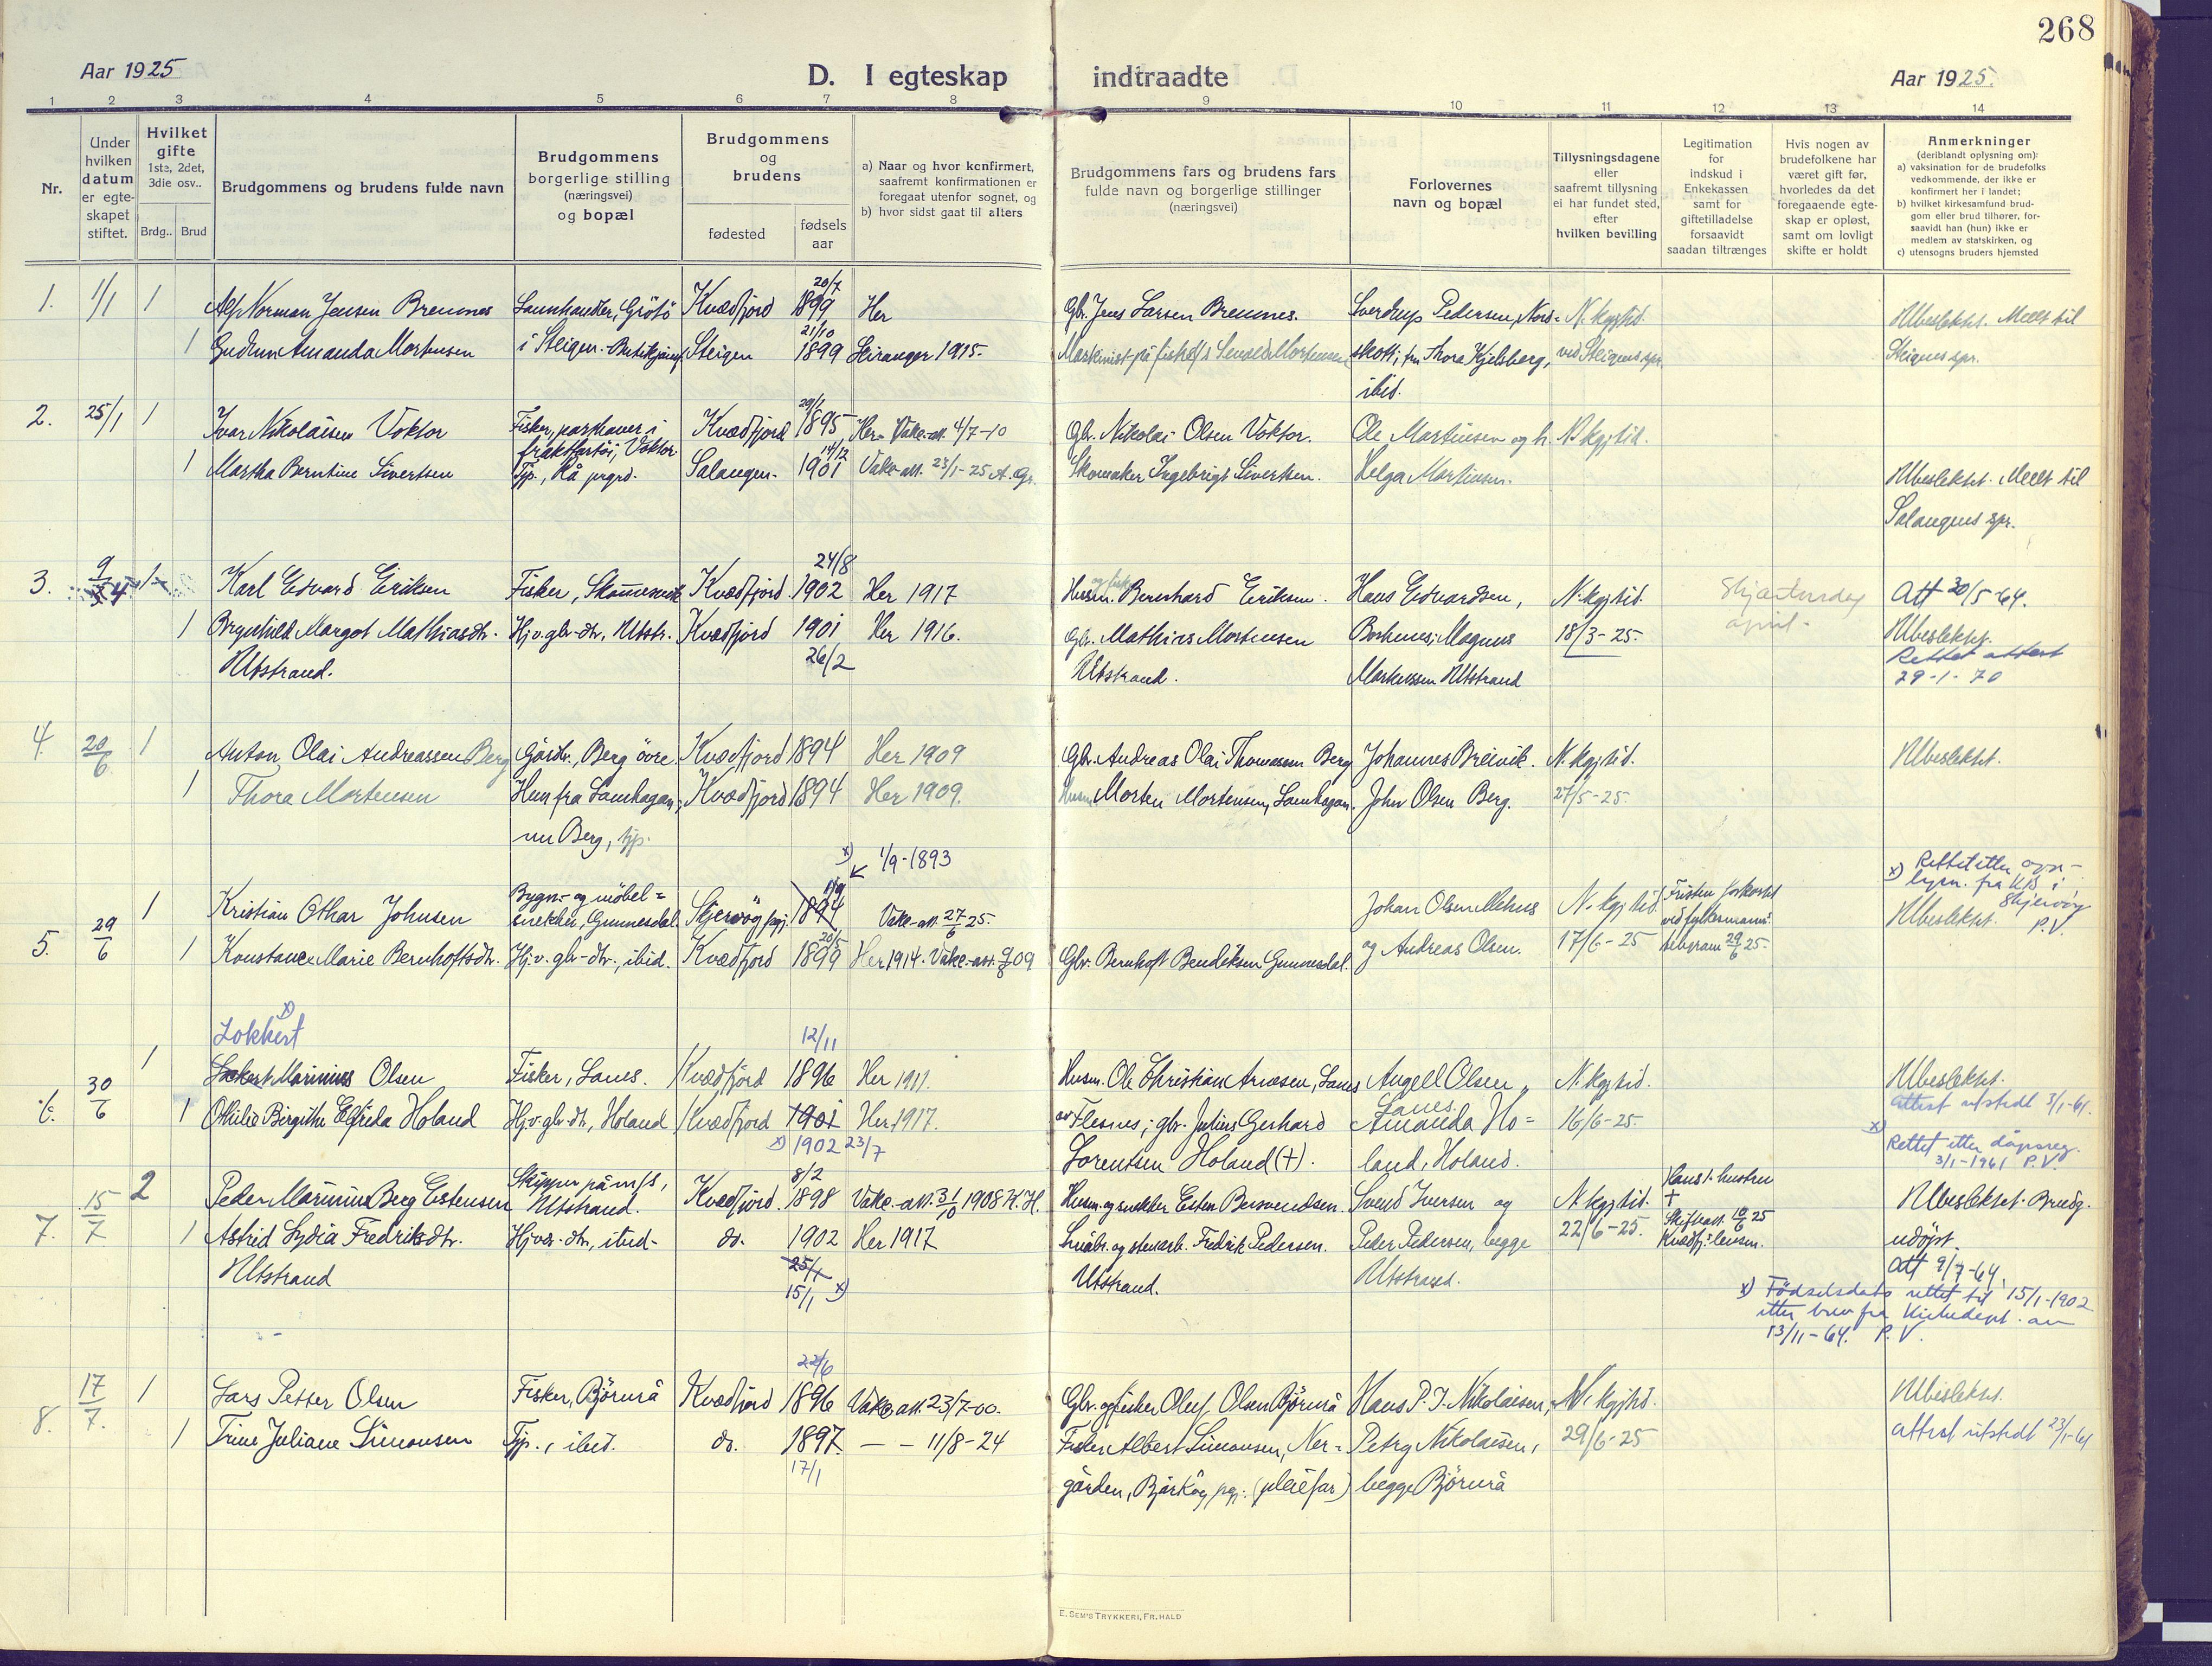 SATØ, Kvæfjord sokneprestkontor, G/Ga/Gaa/L0007kirke: Ministerialbok nr. 7, 1915-1931, s. 268